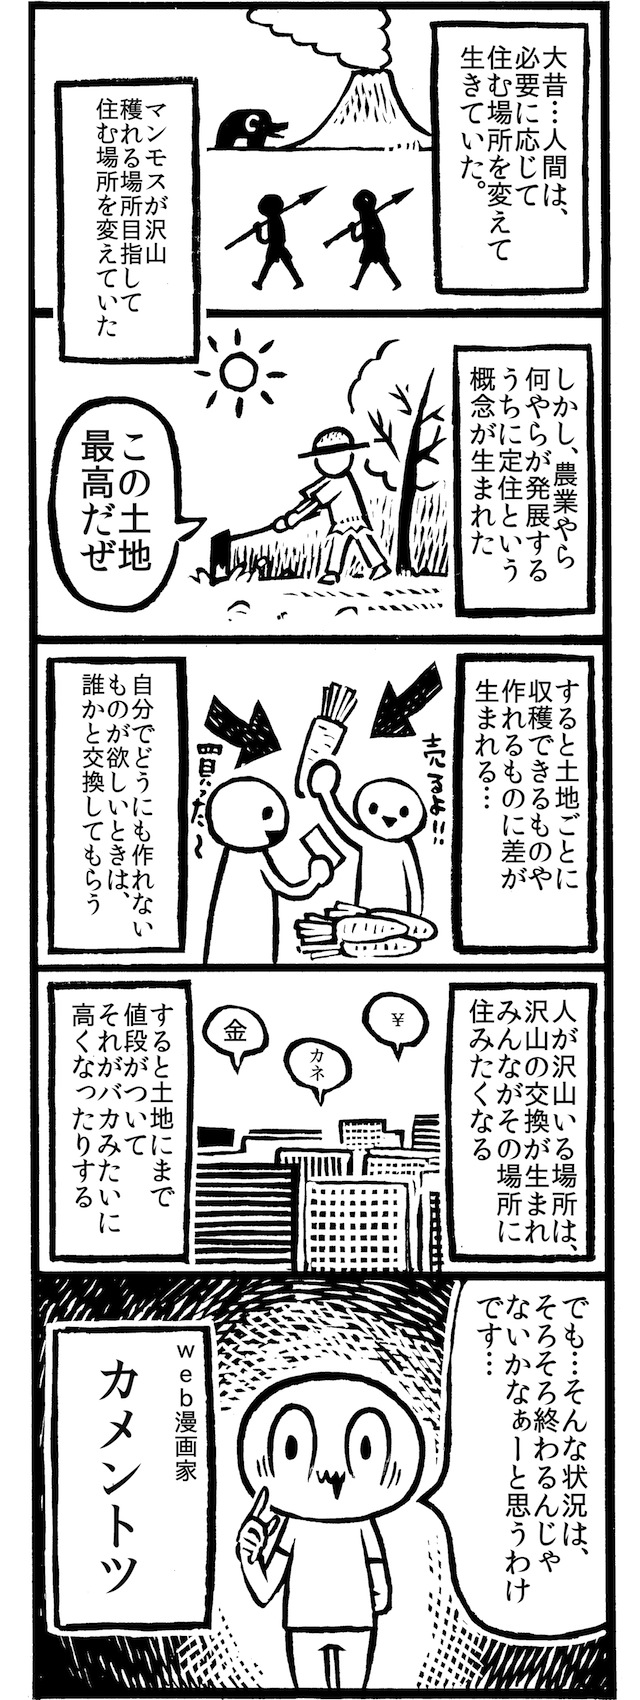 f:id:kakijiro:20160324160257j:plain